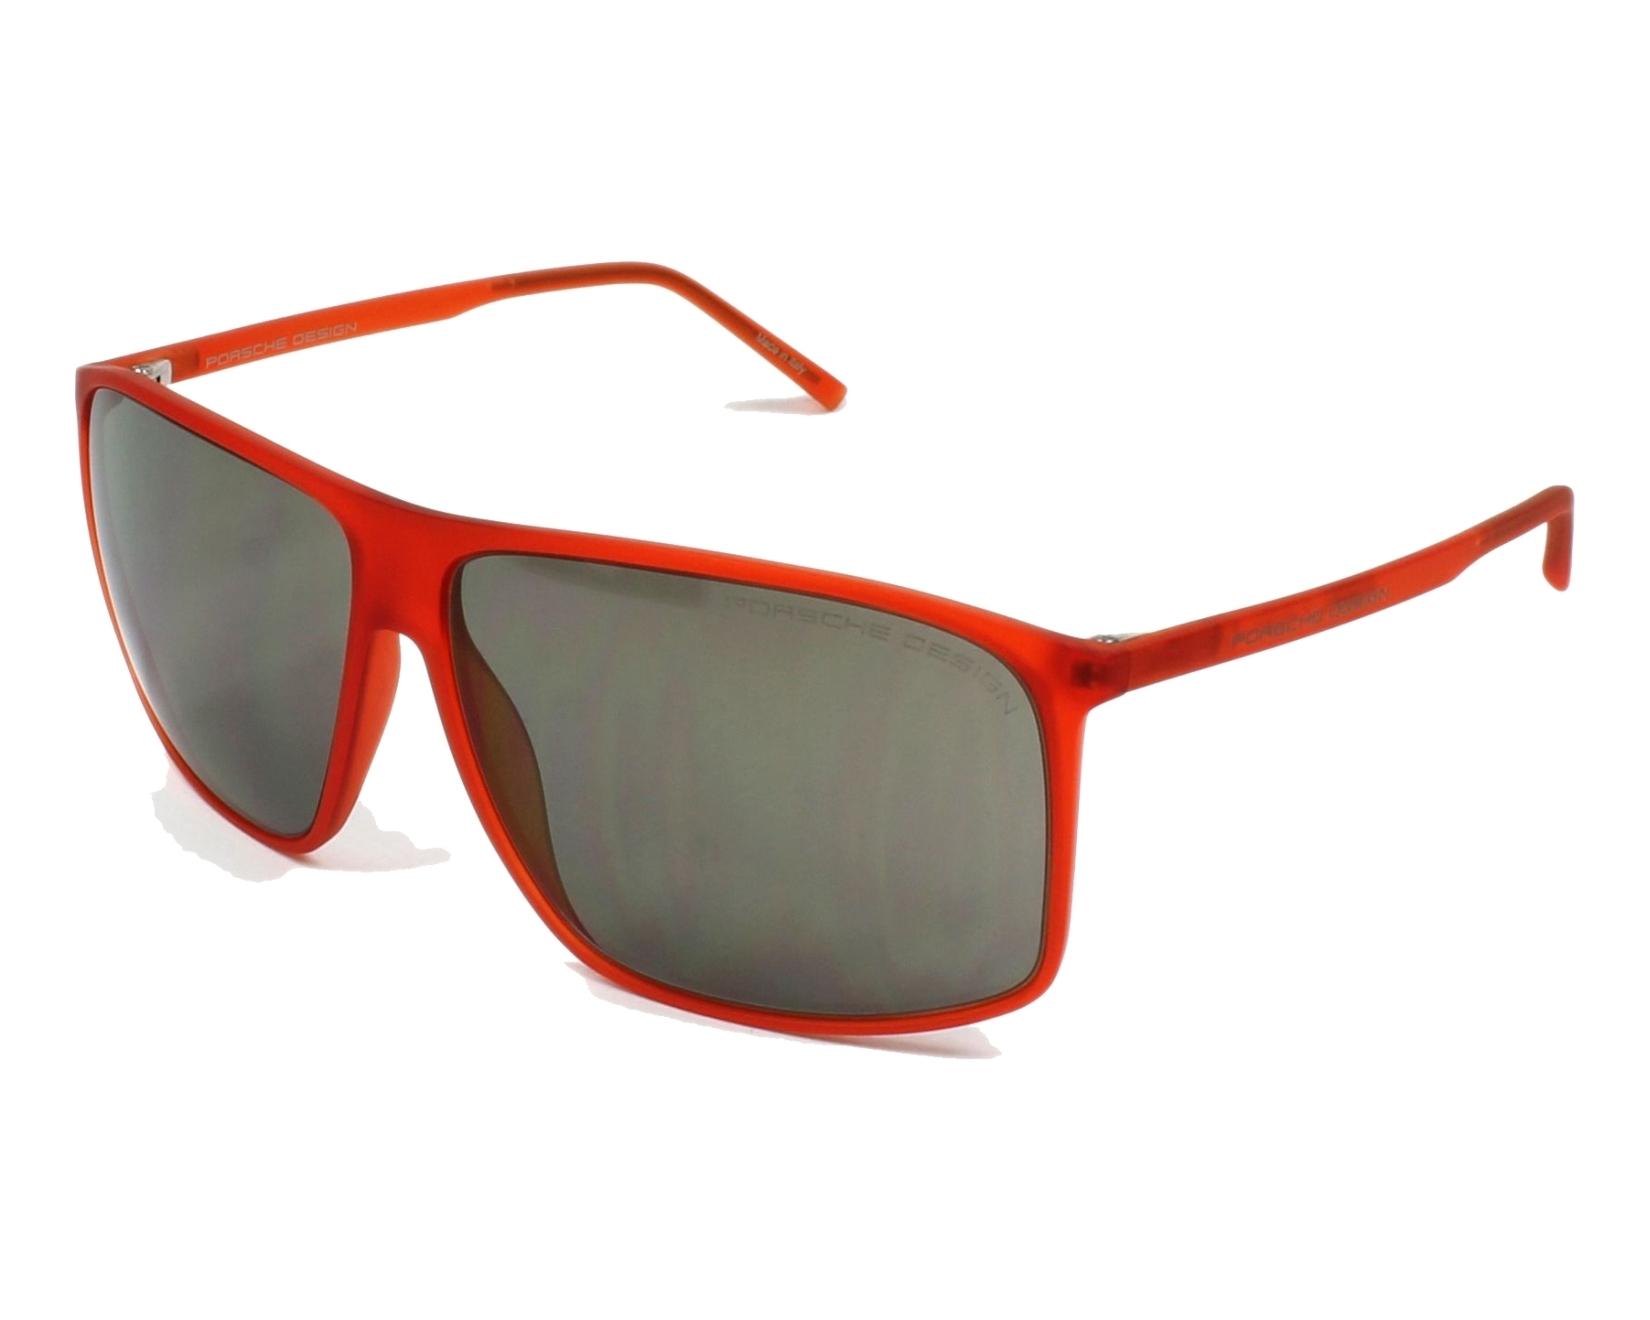 lunettes de soleil porsche design p 8594 c orange avec des verres gris pour hommes. Black Bedroom Furniture Sets. Home Design Ideas